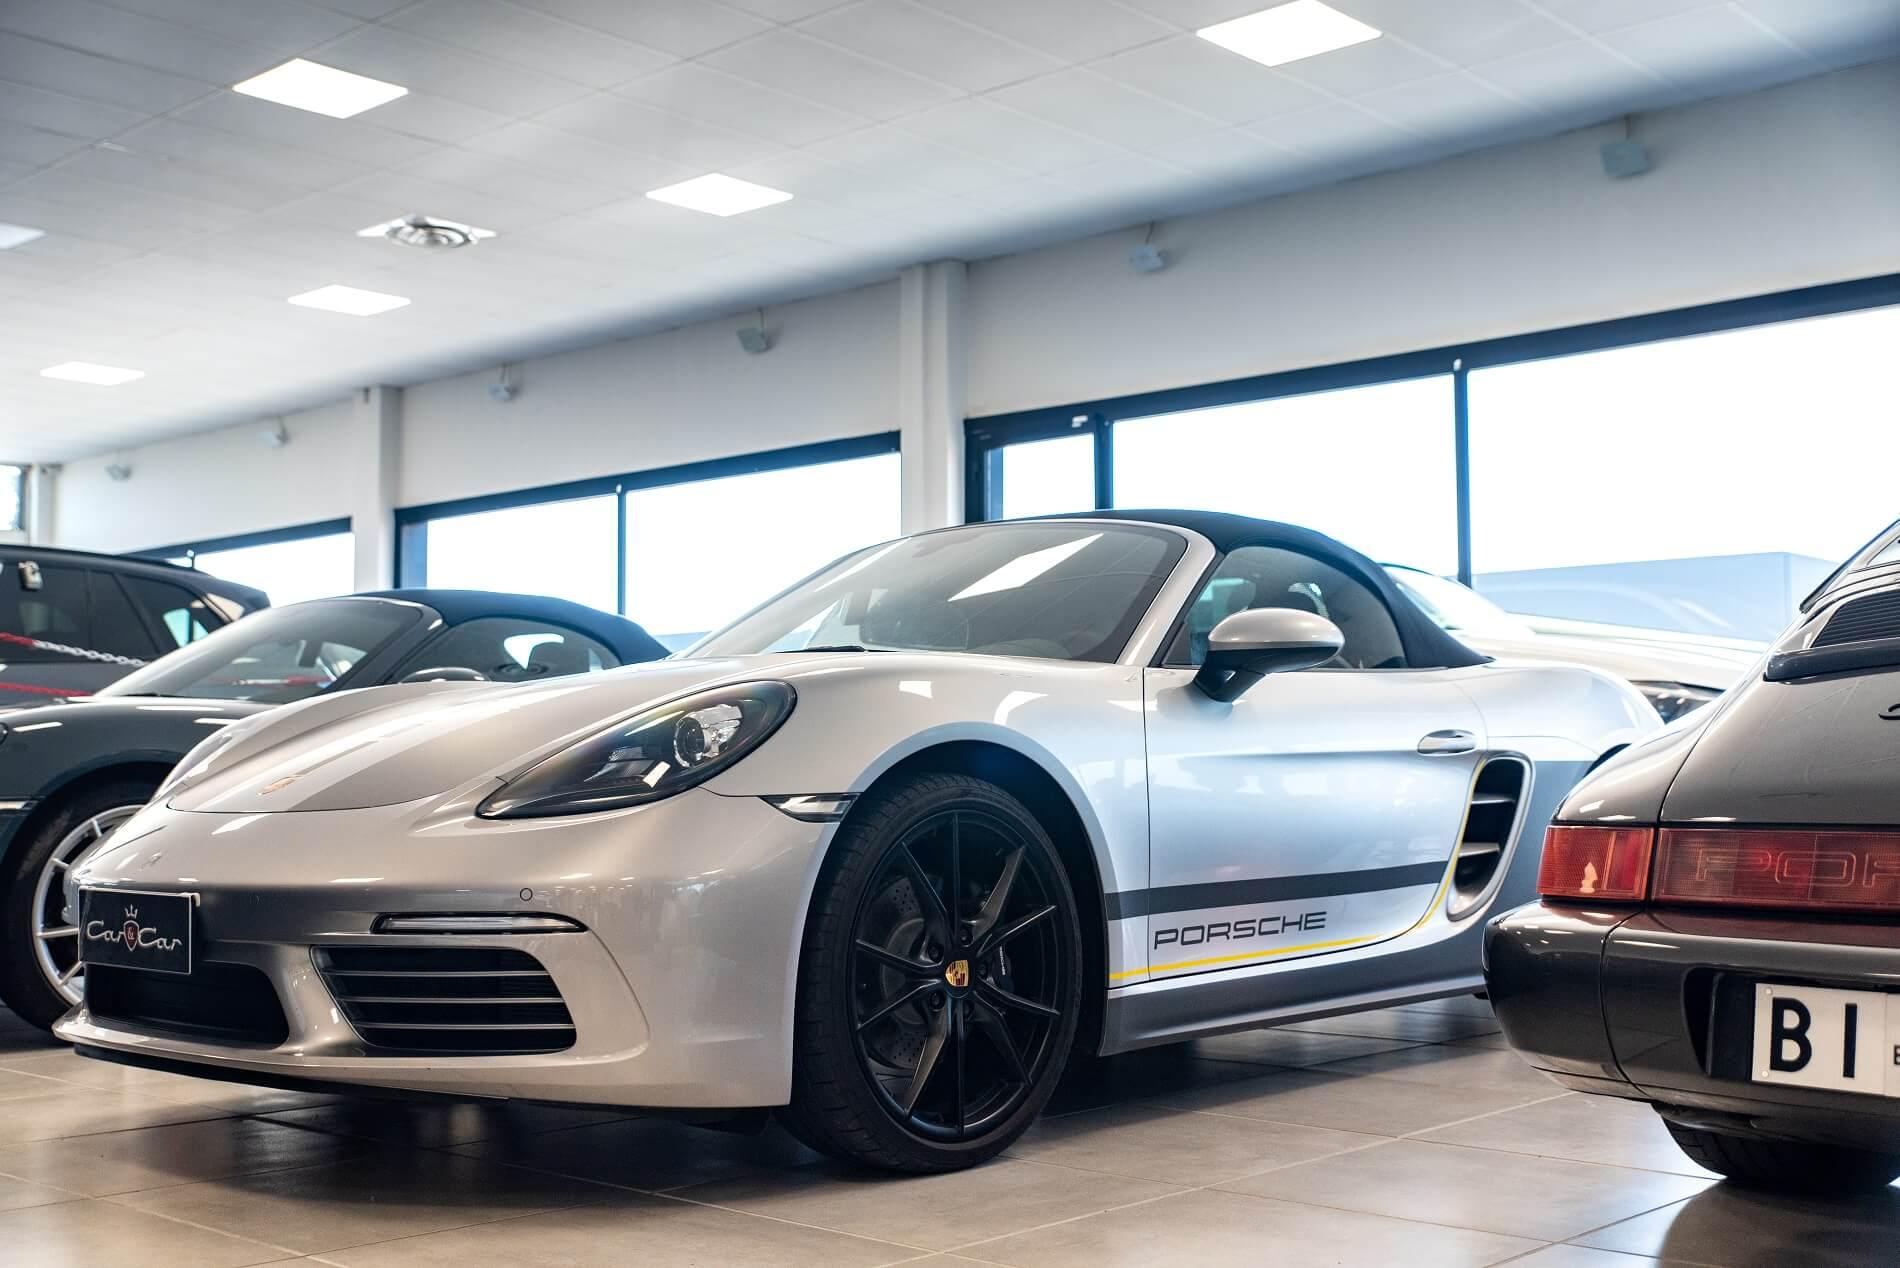 Porsche Boxster in salone